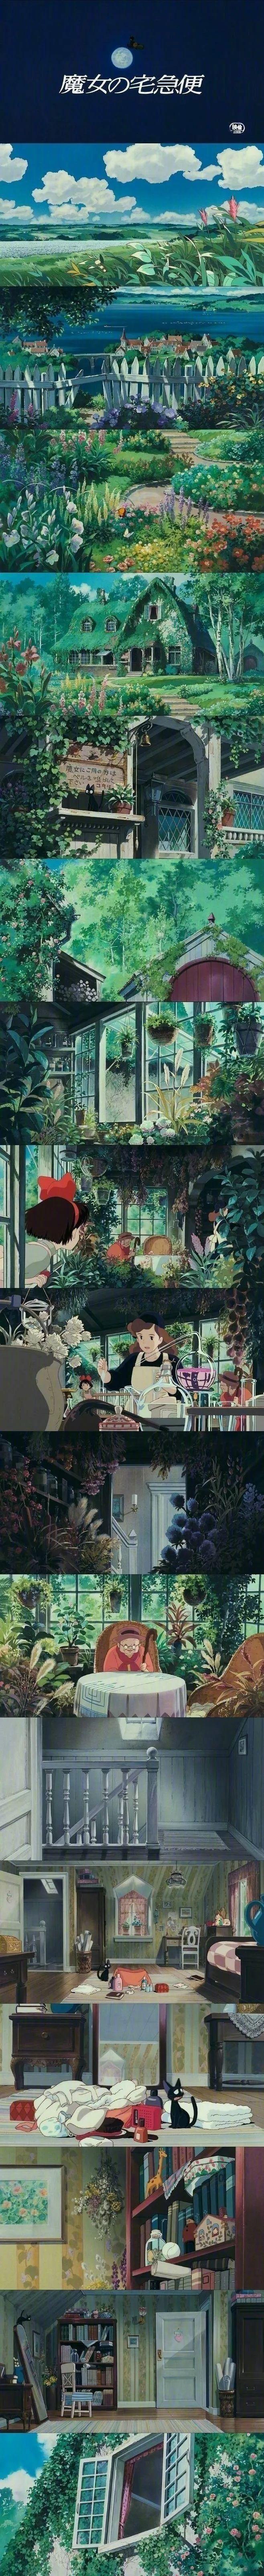 宫崎骏的动画世界 壁纸特辑,人间真有这些地方就好了!_图片 No.3